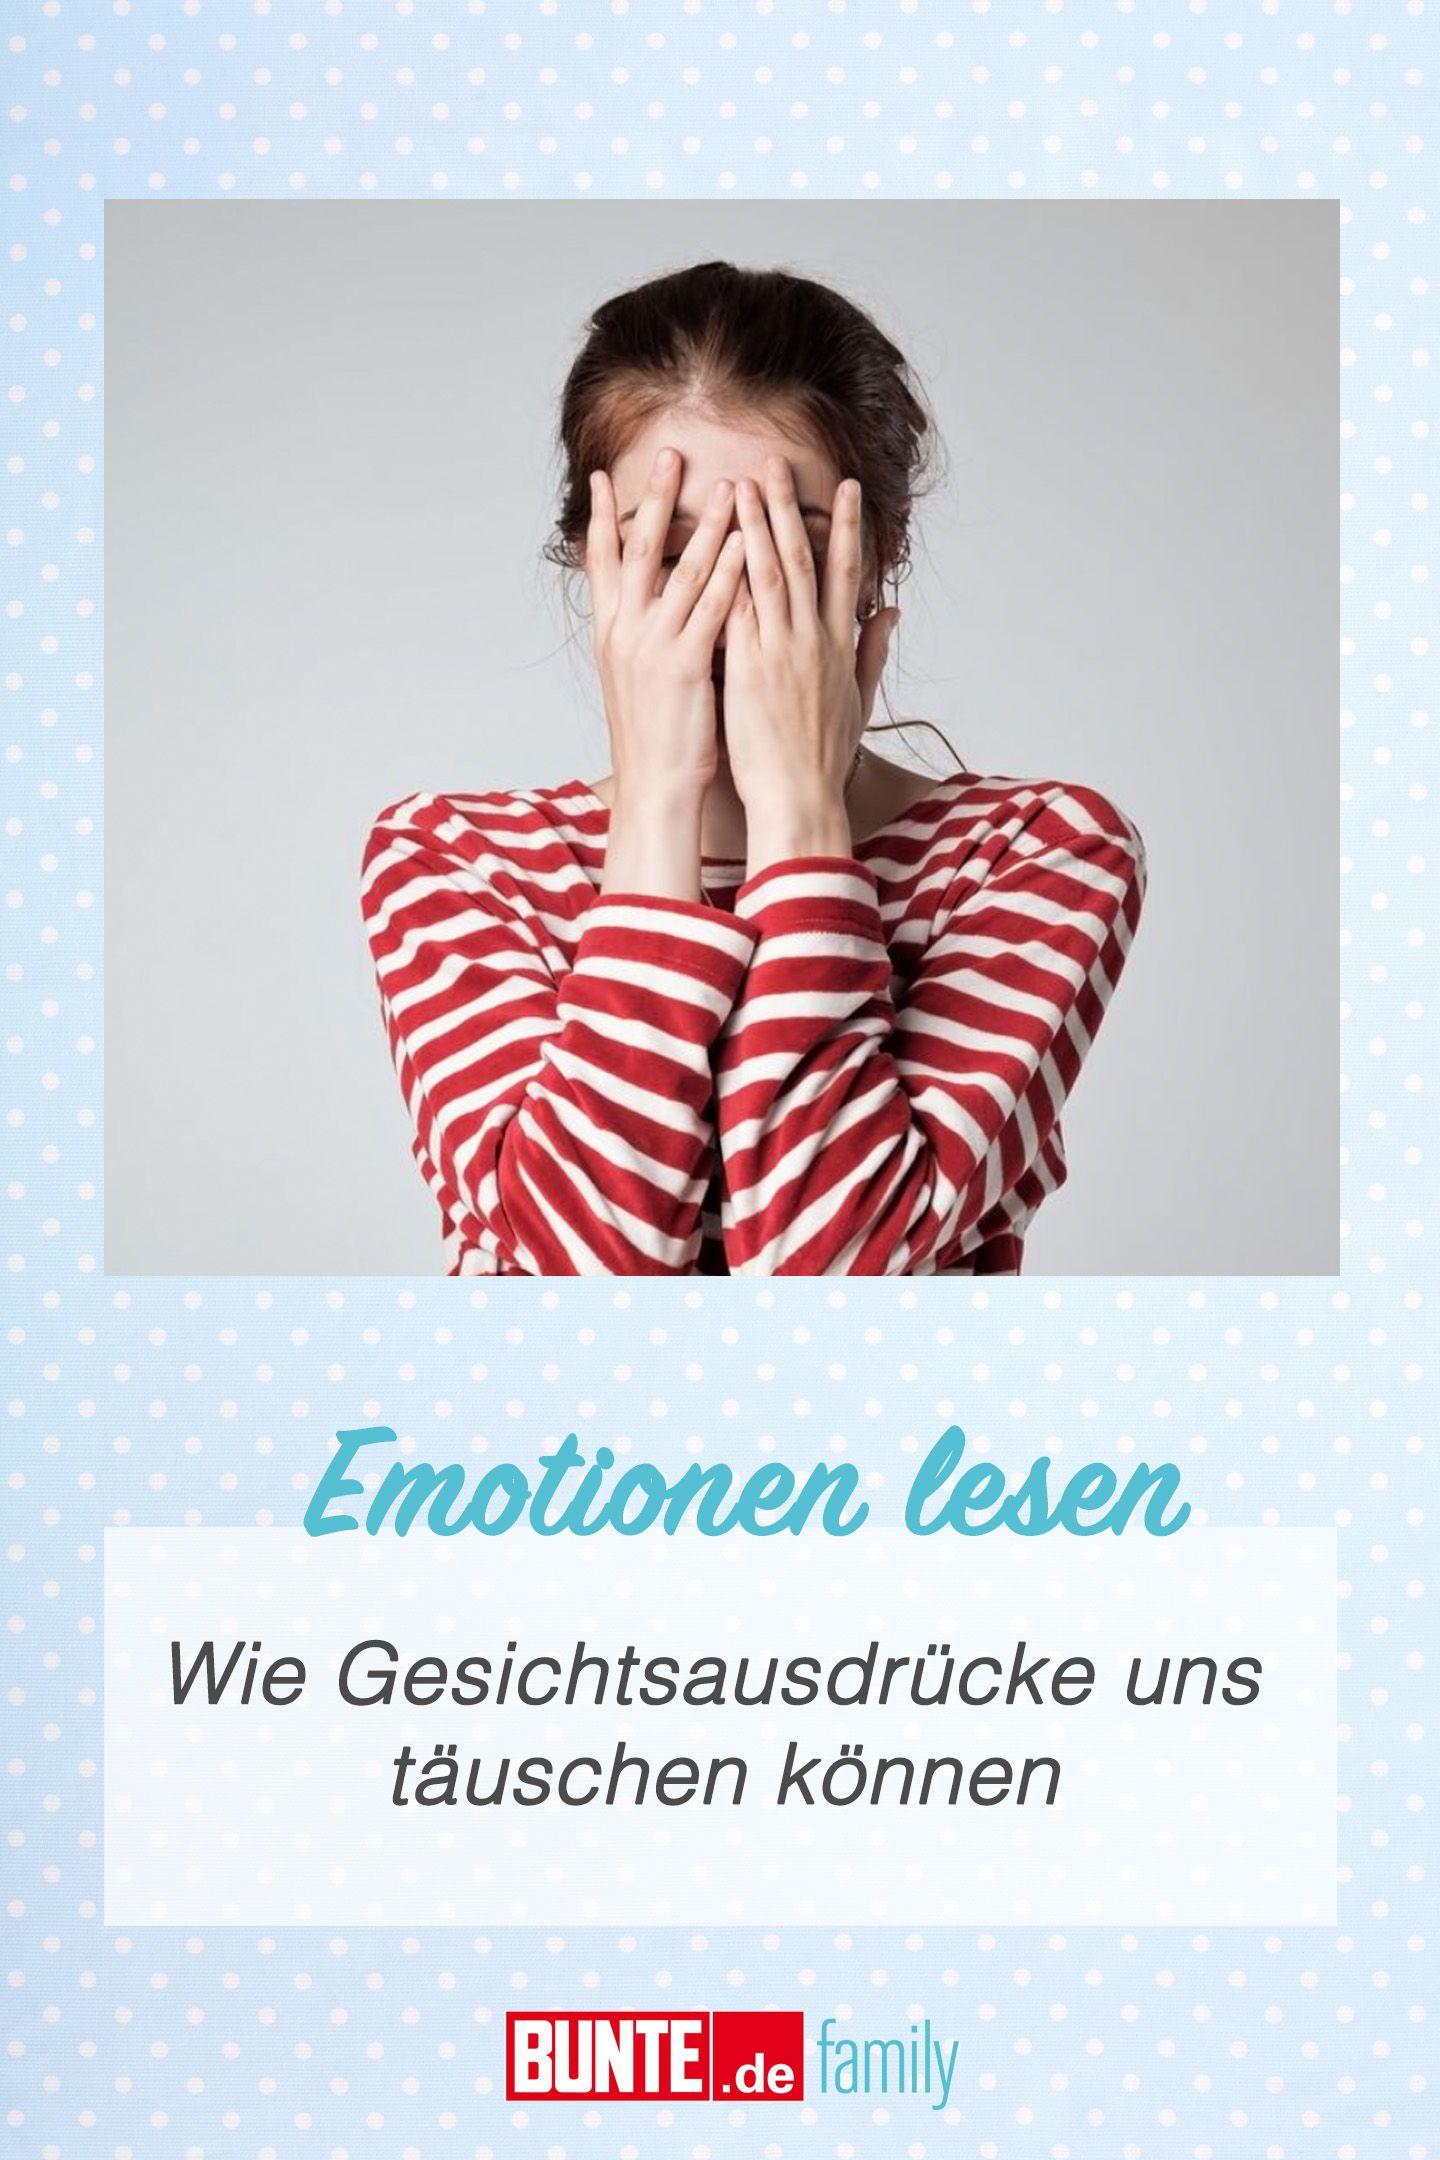 Emotionen Lesen Wie Gesichtsausdrucke Uns Tauschen Konnen In 2020 Gesichtsausdrucke Gesicht Ausdruck Emotionen